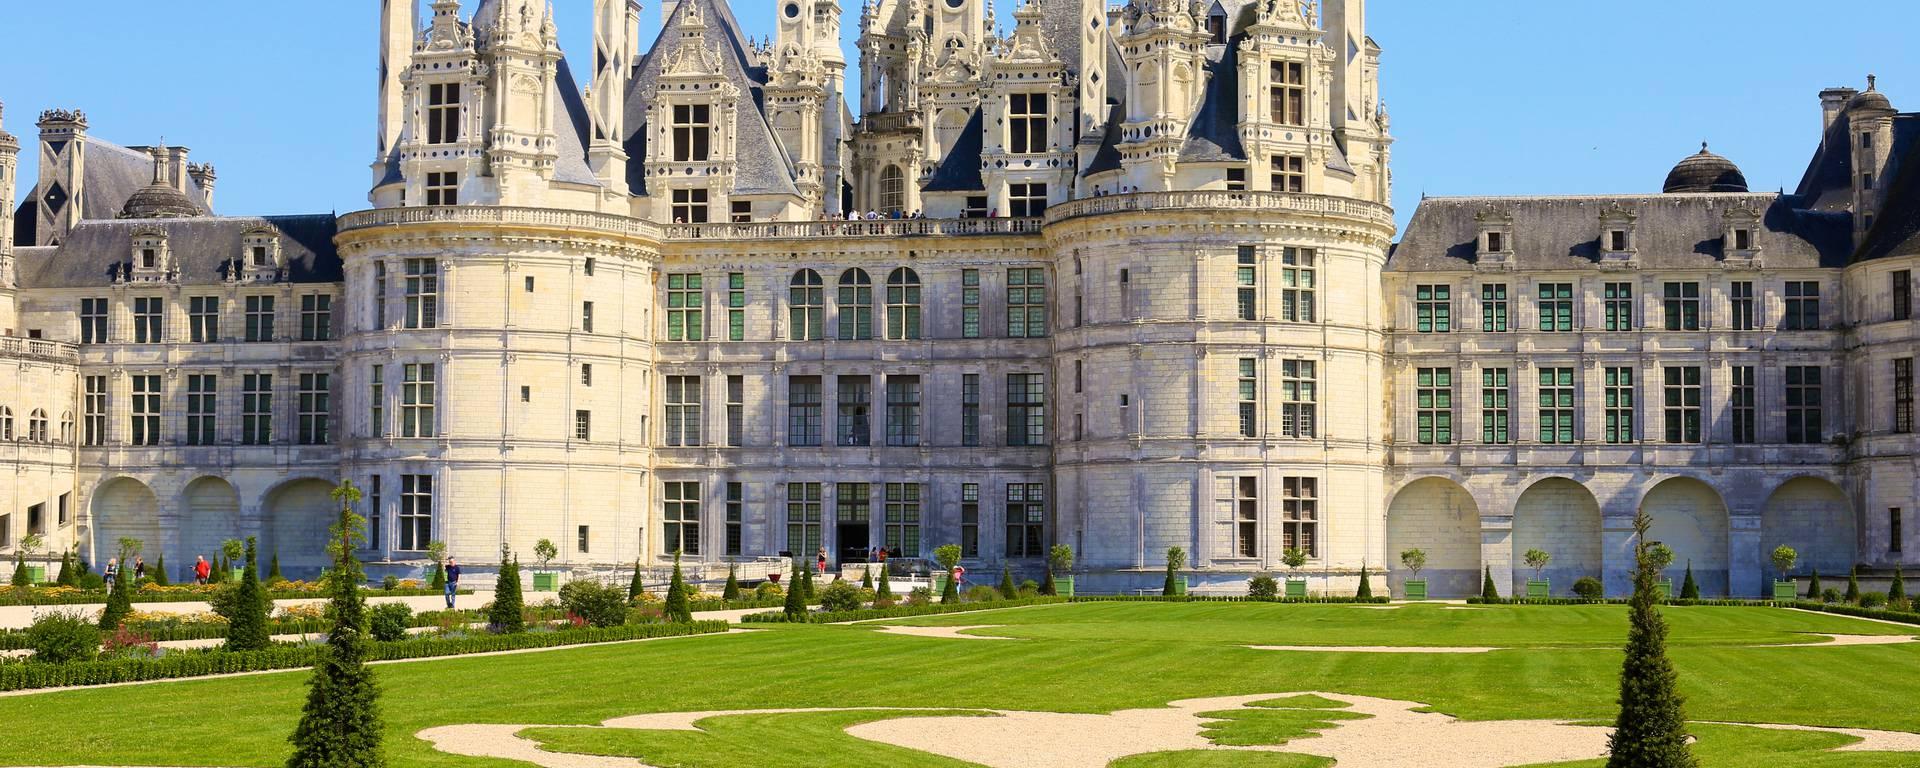 Les jardins et le château de Chambord. © Ludovic Letot